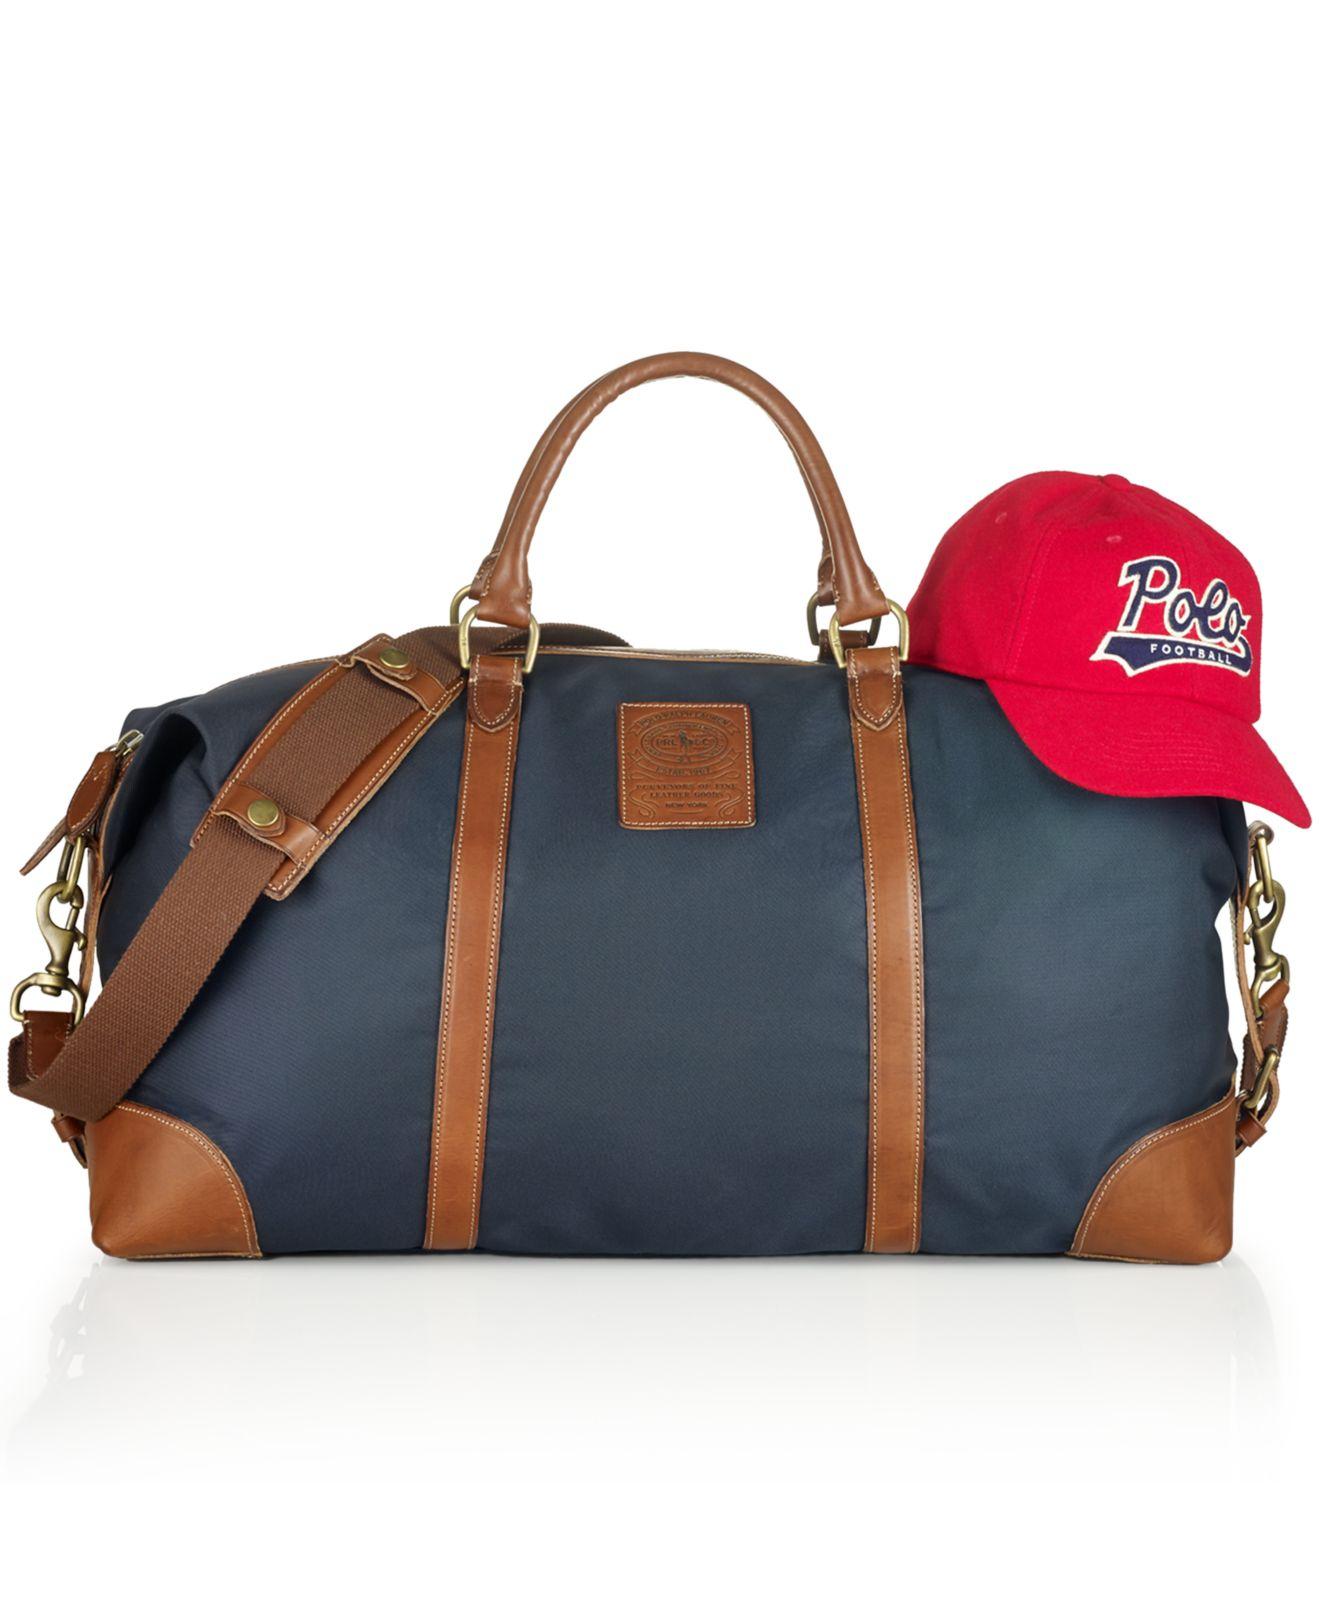 d52156deabd3 Lyst - Polo Ralph Lauren Large Nylon Duffel Bag in Blue for Men